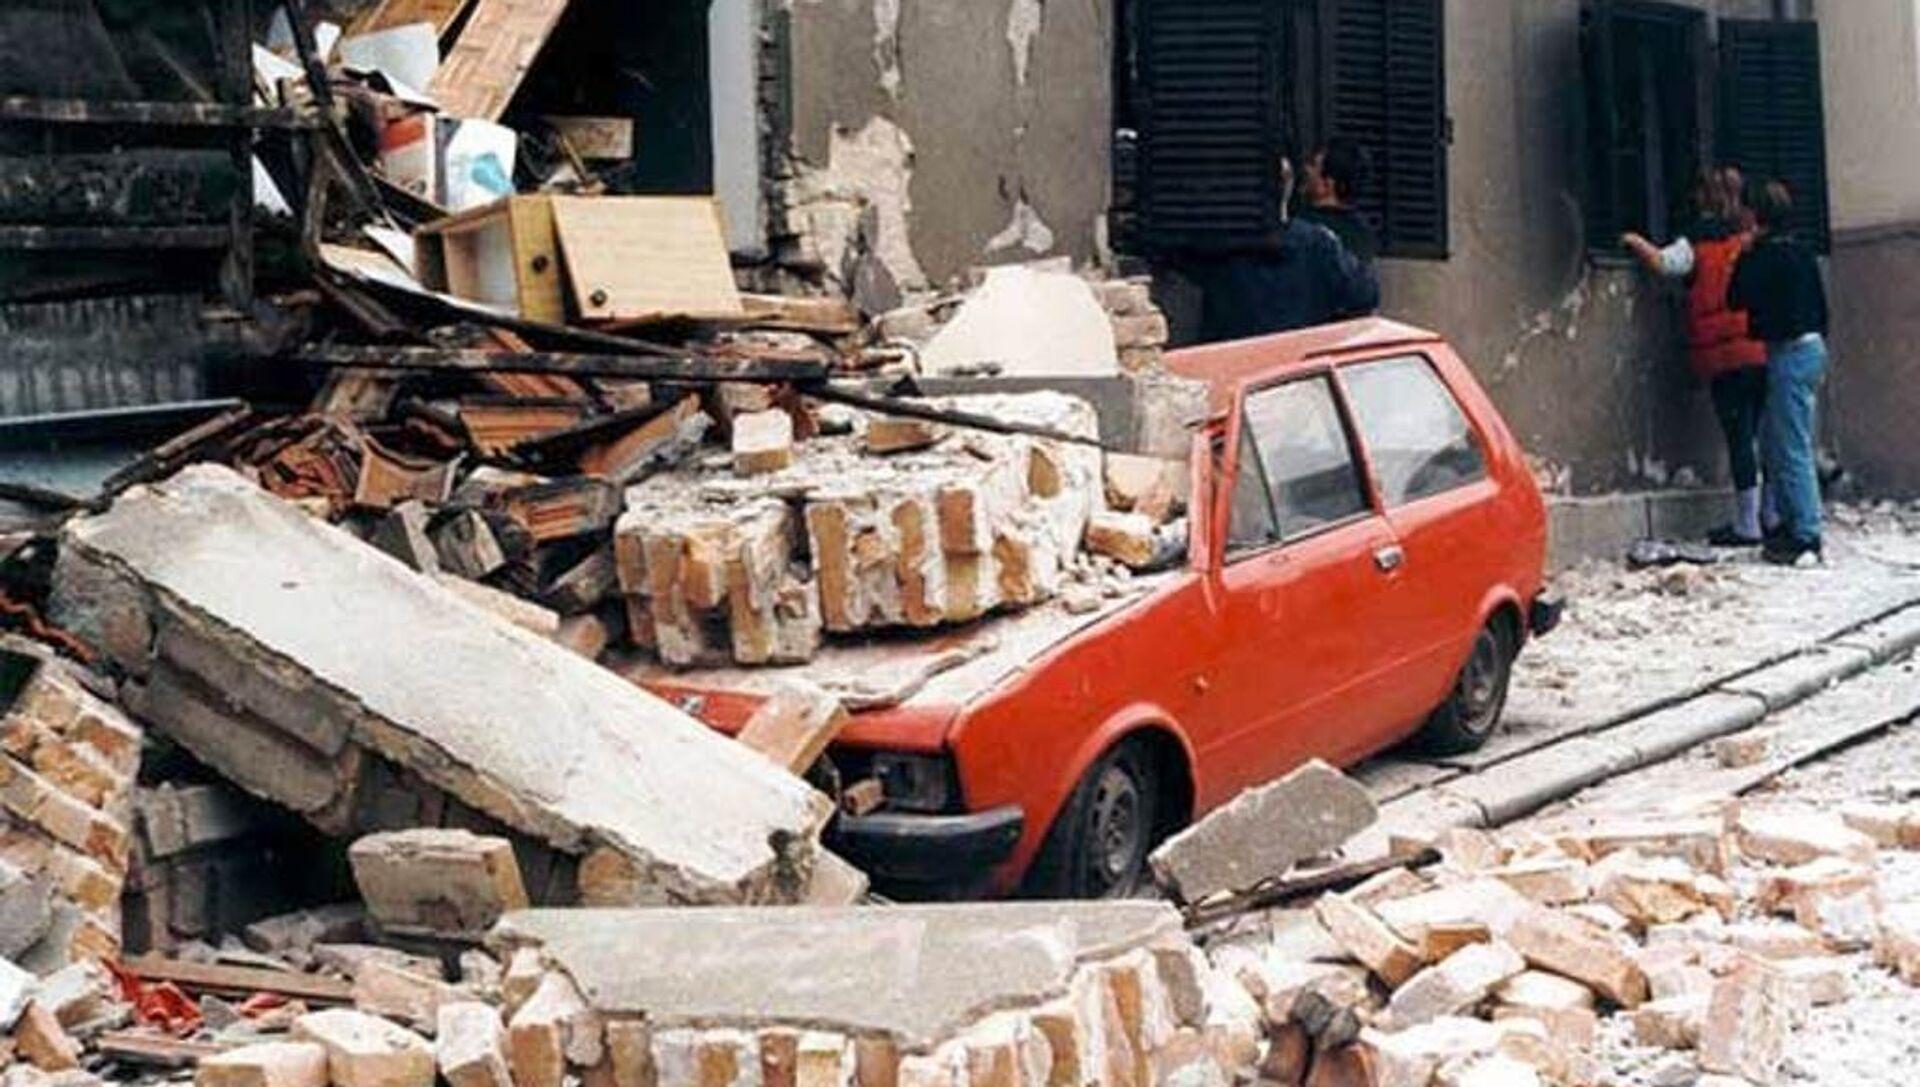 Улица Београда након налета засипања бомбама НАТО-а 1999. године - Sputnik Србија, 1920, 16.06.2021